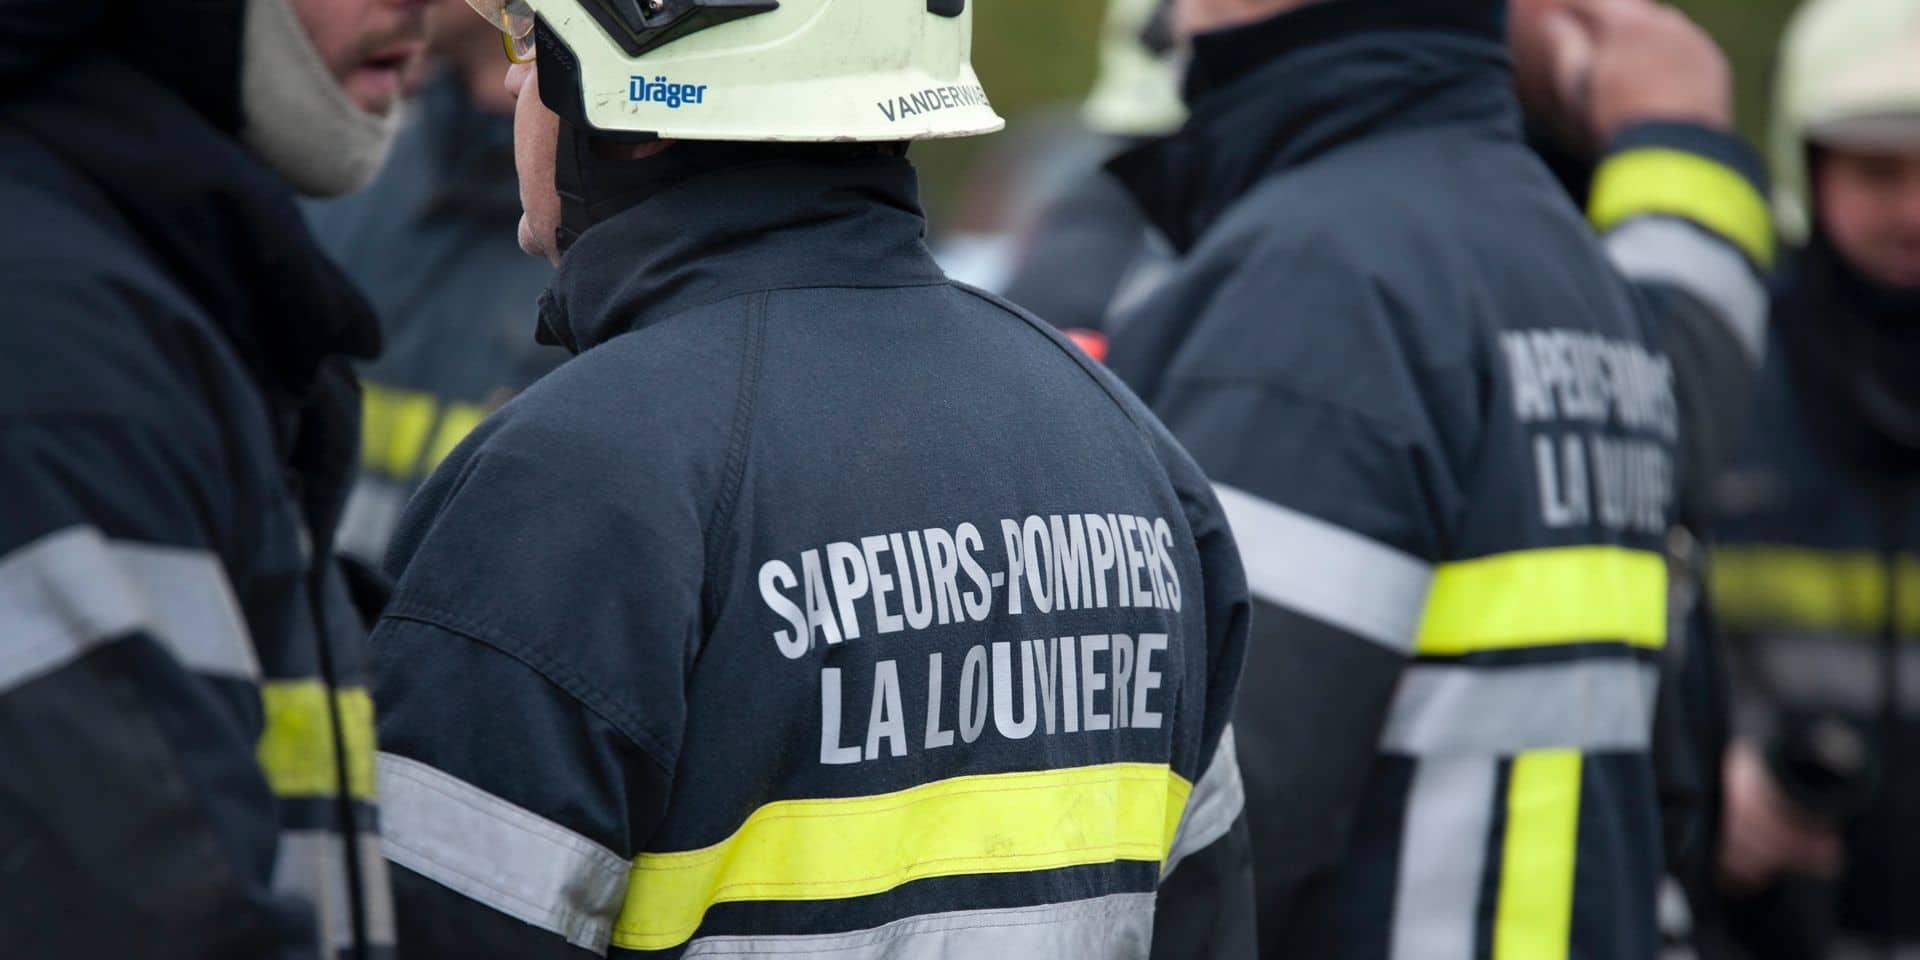 Décès suspect d'un sexagénaire dans un incendie à La Louvière : le dossier est à l'instruction